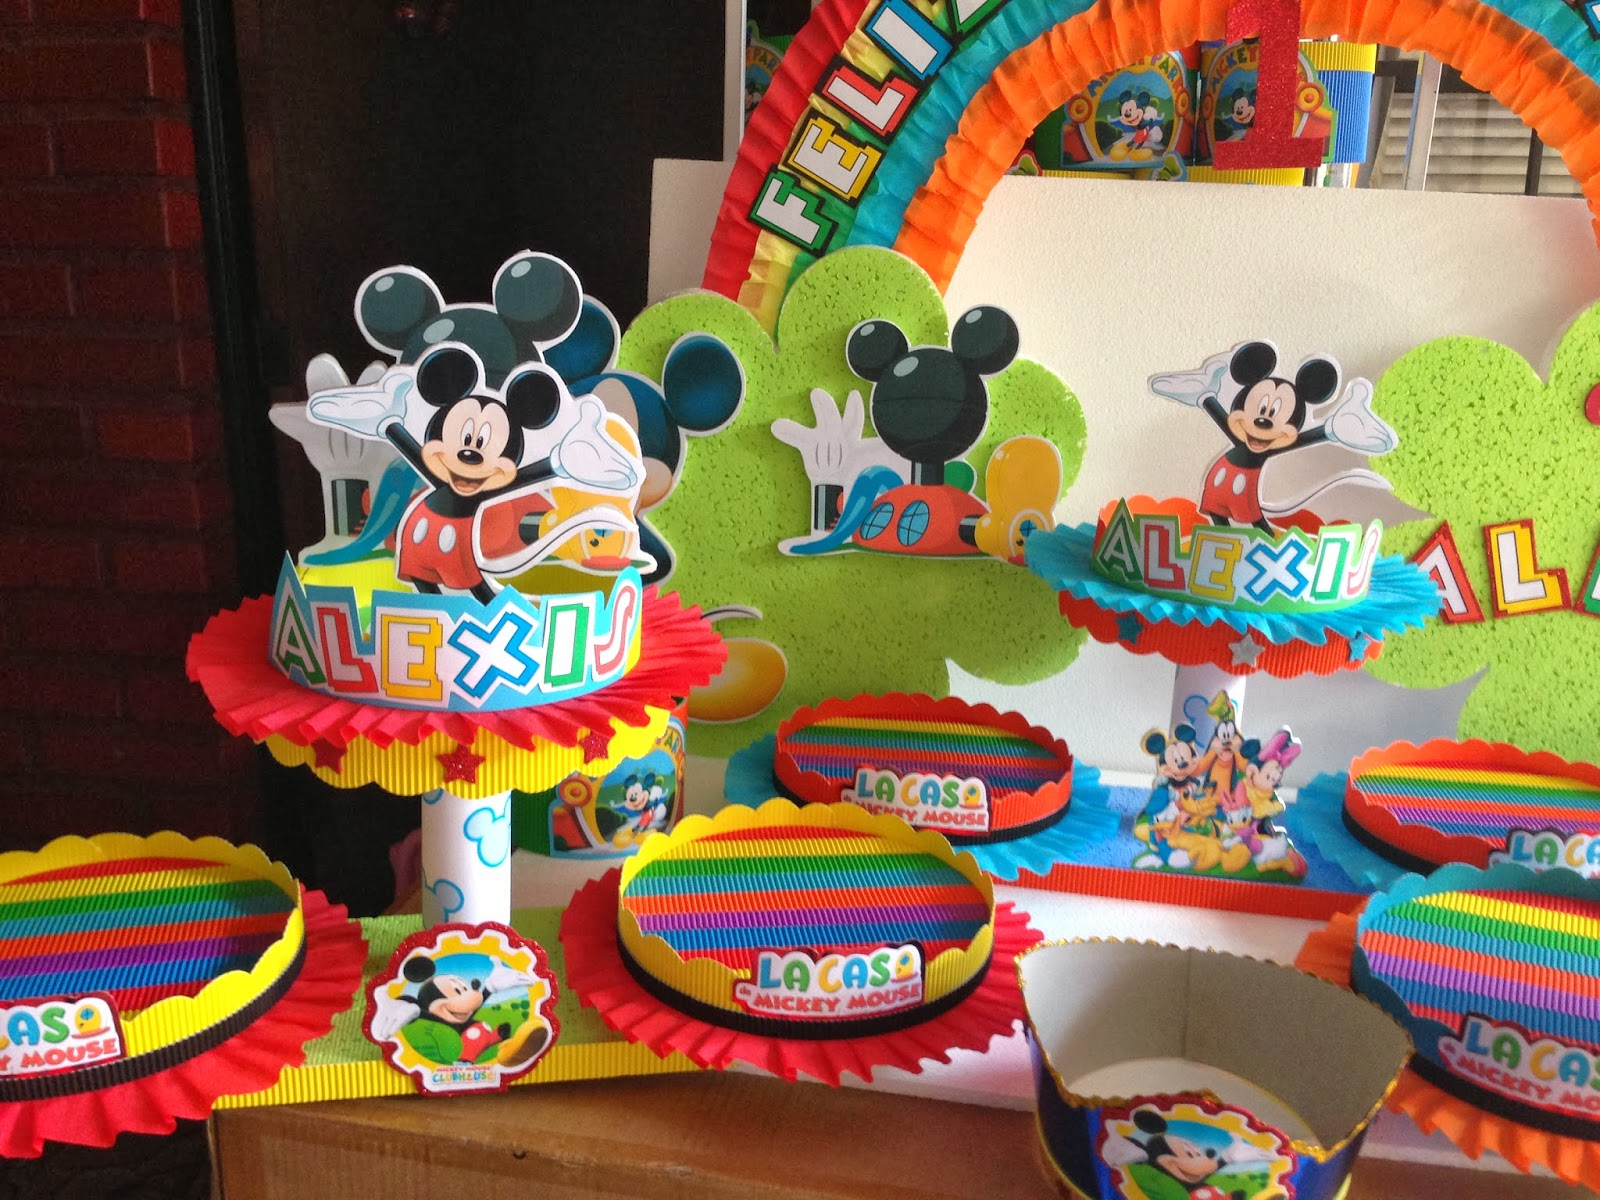 Decoracion infantil mickey mouse decoraci 243 n mickey - Decoracion fiesta infantil ...